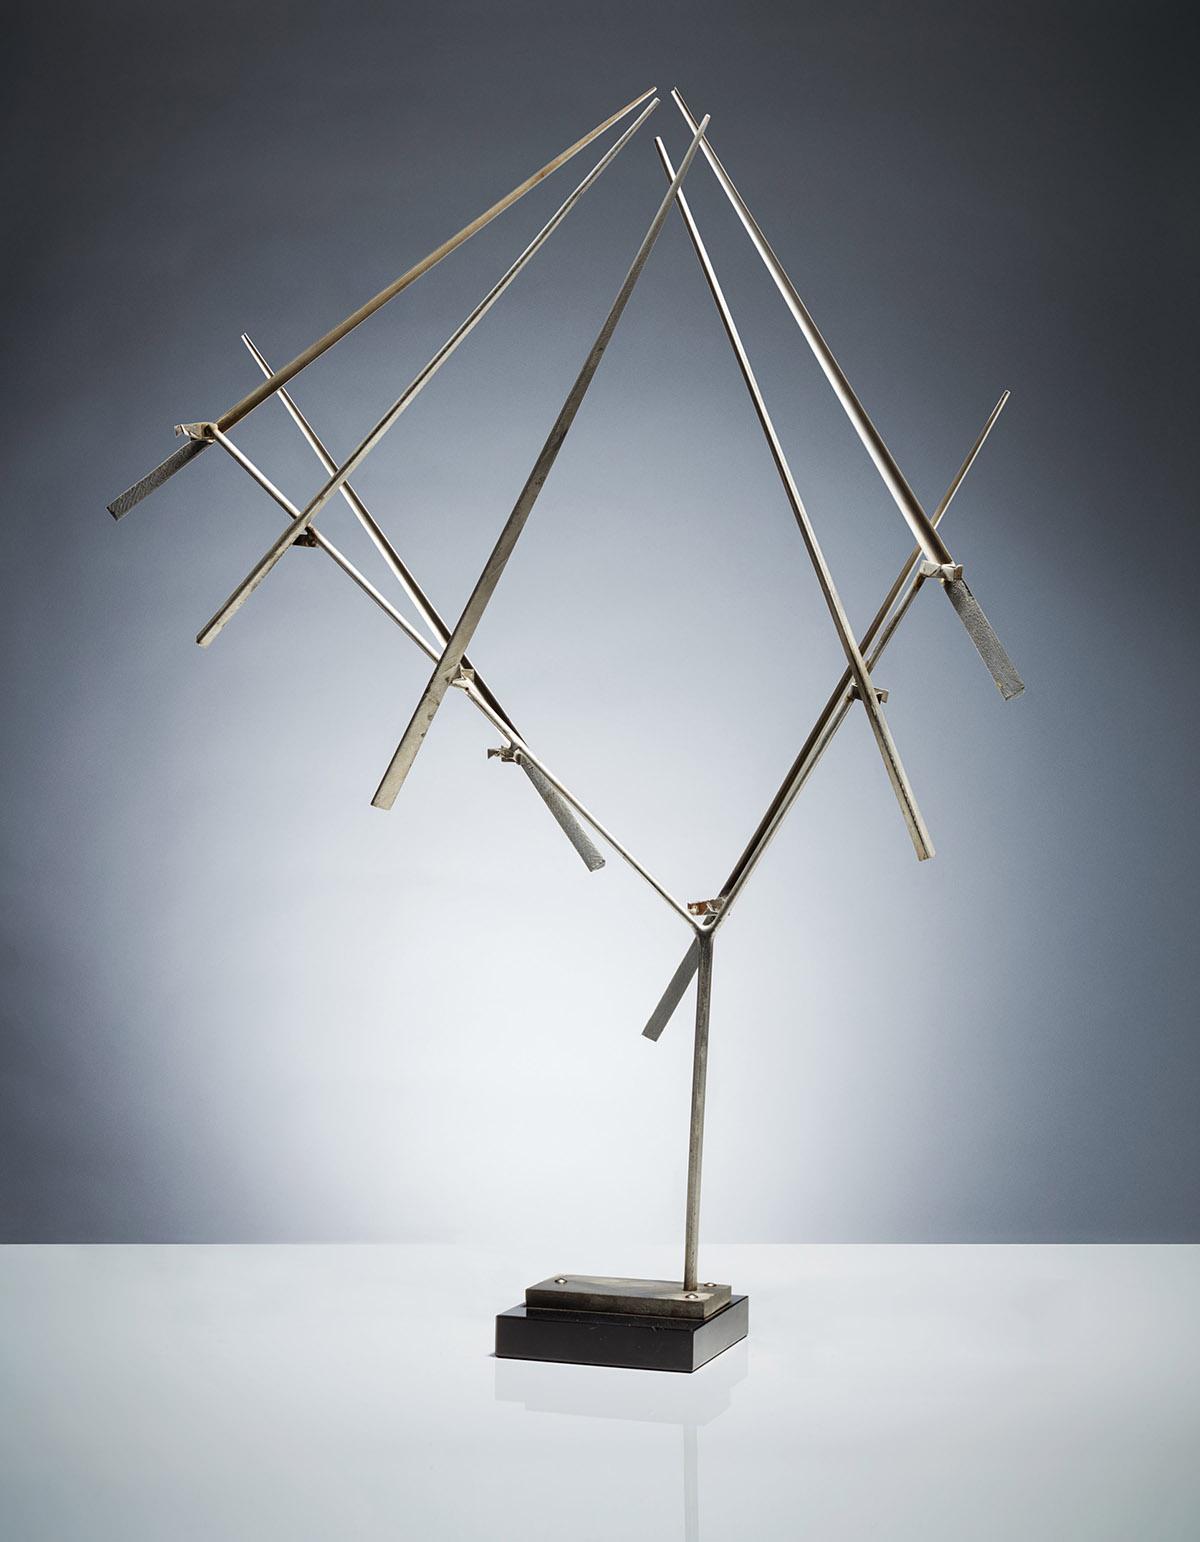 mark hutker george rickey kinetic sculpture